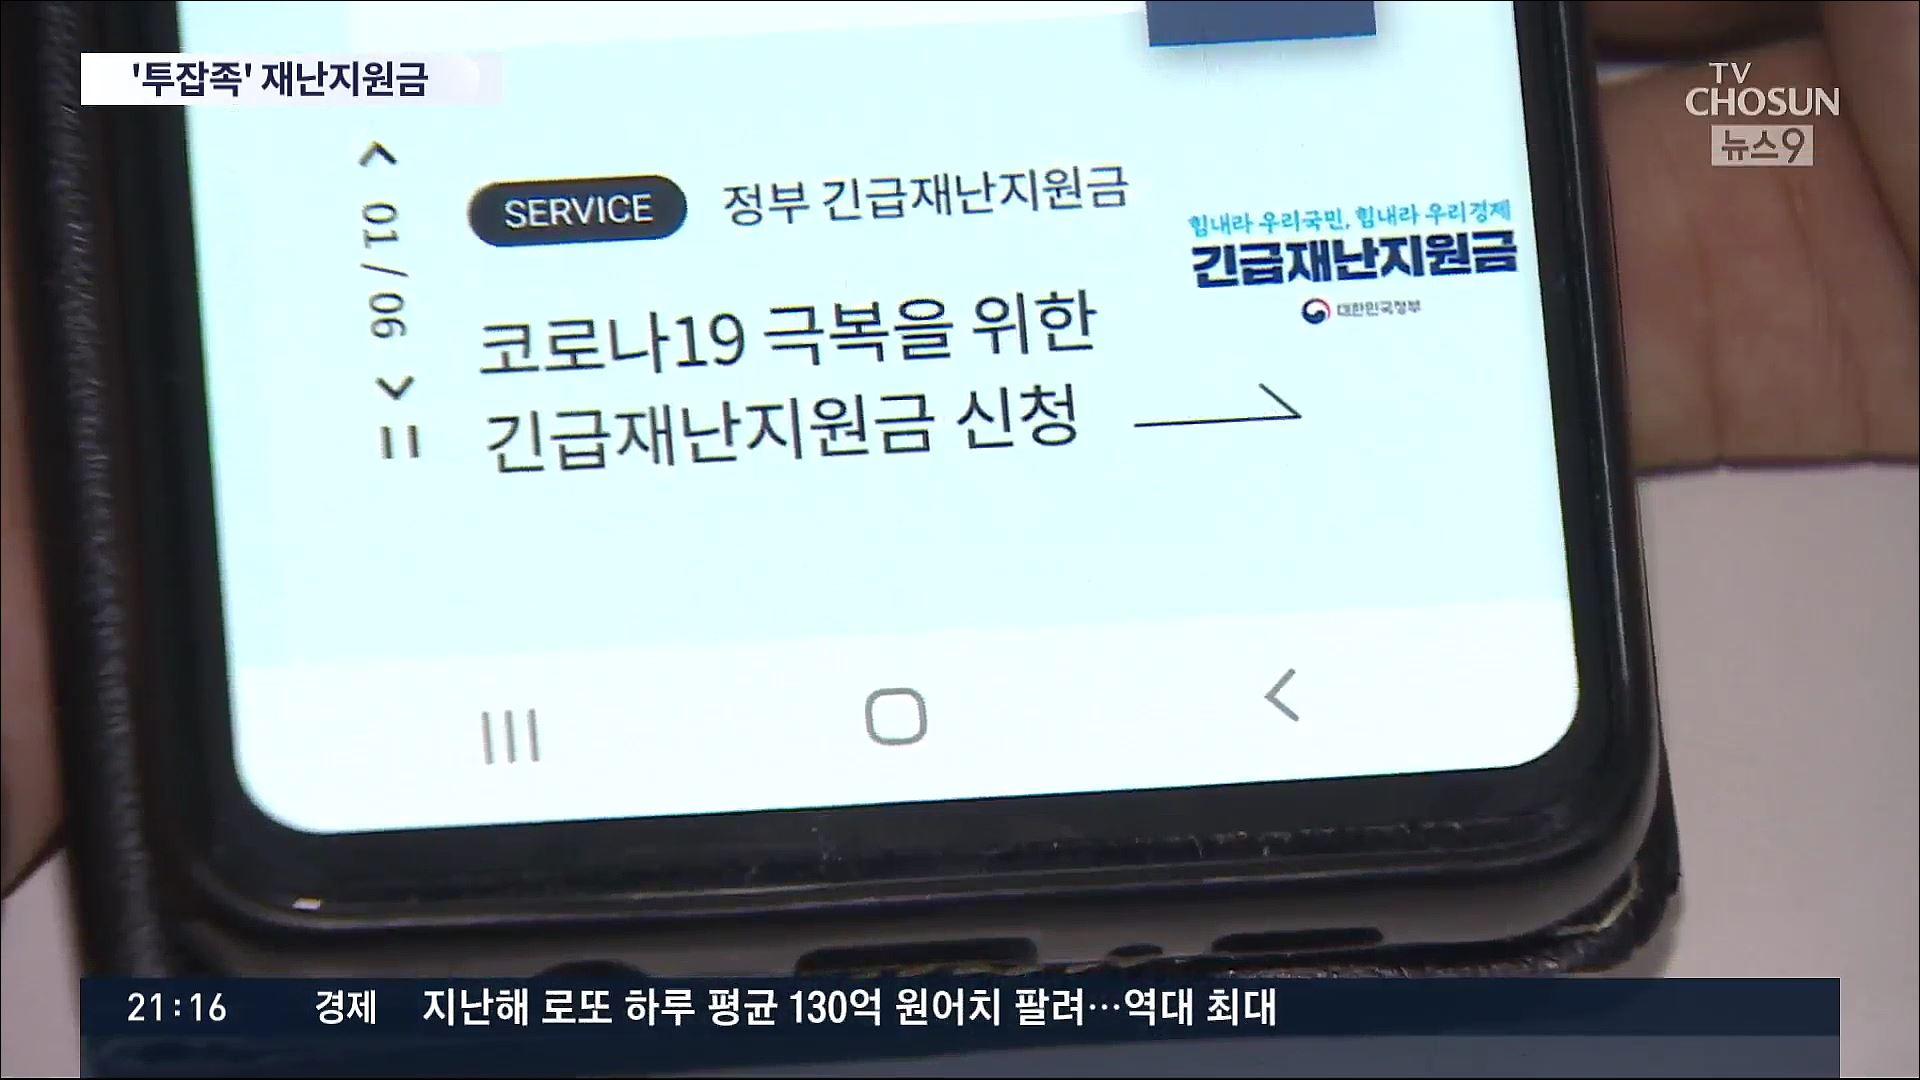 고연봉 투잡족, 또 재난지원금 받아…정부 '사업자 등록땐 지급'